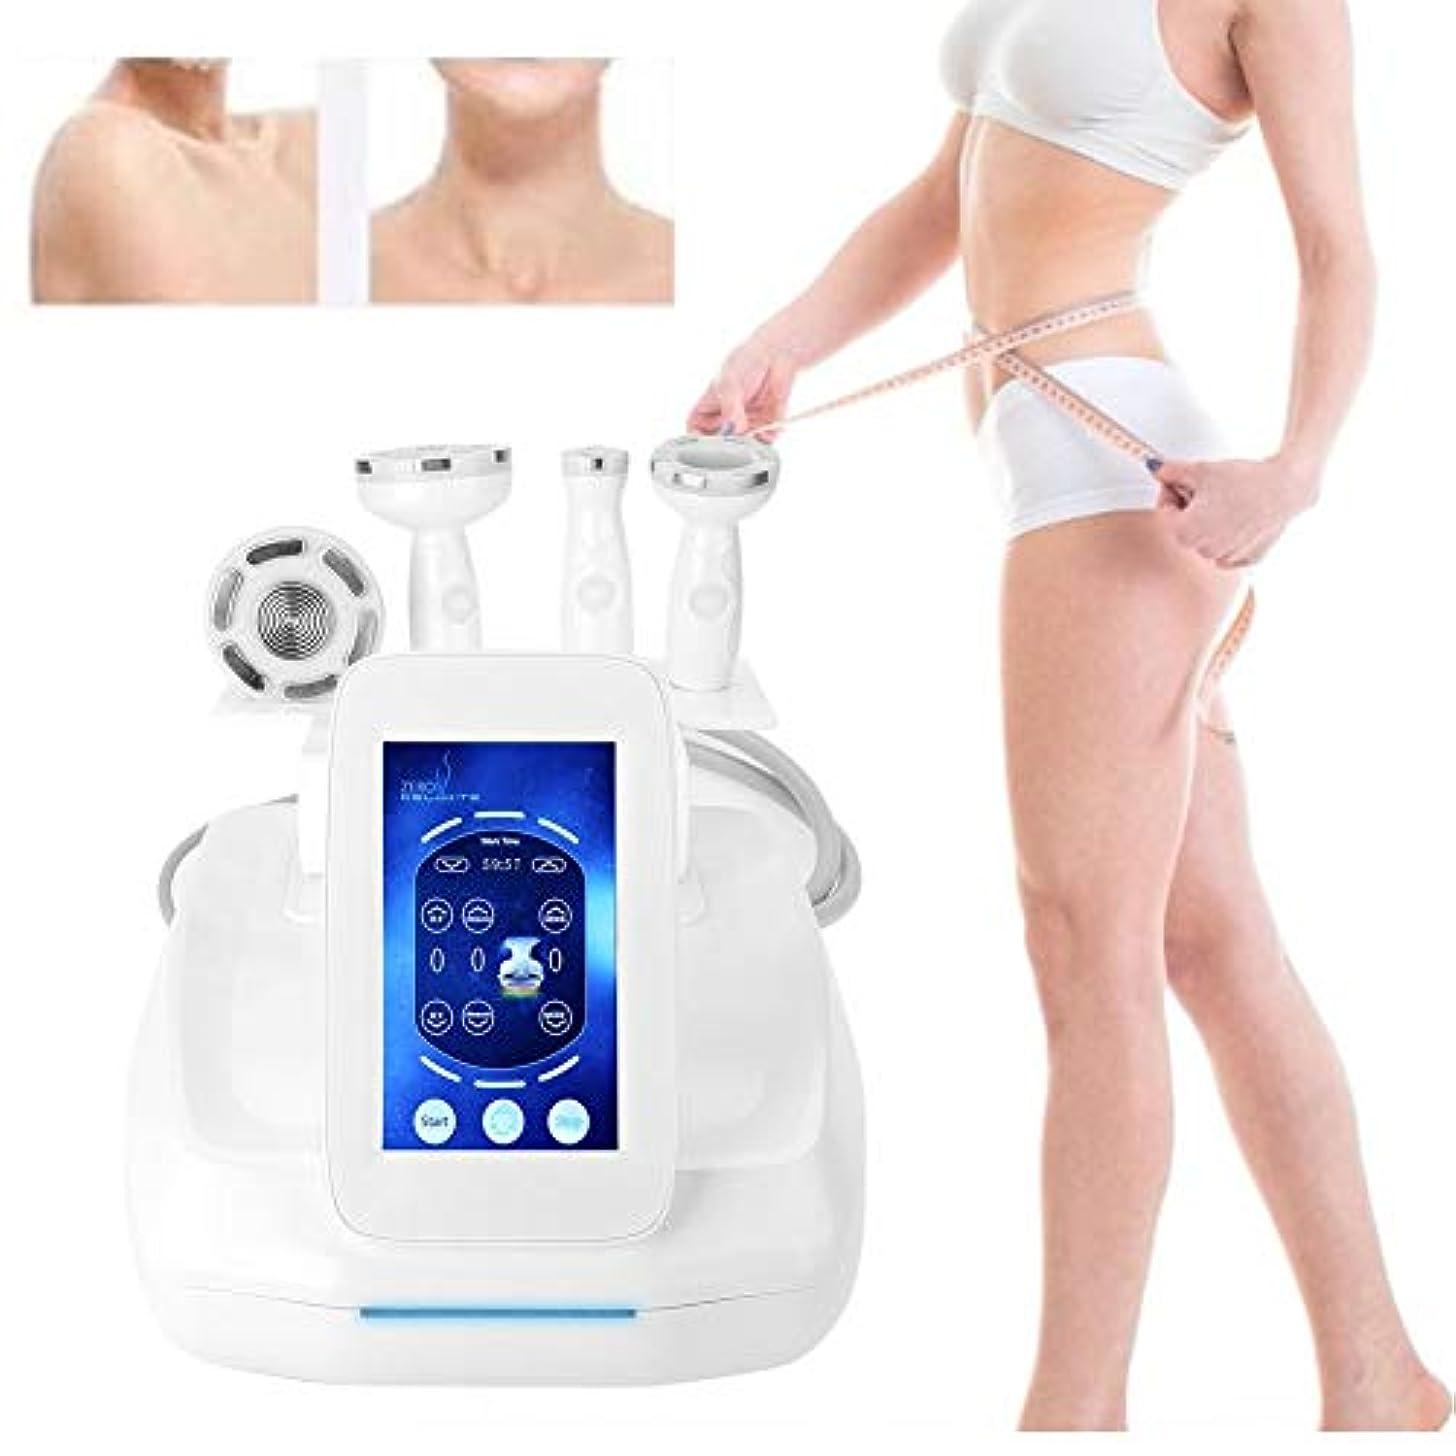 付ける急速なシーフード40K振動ボディ整形マッサージャー、全身の減量のマッサージャーの多極発破脂肪の器械の美顔術(3つのマッサージの頭部)セリウム、FDAの承認の持ち上がること(110V - 220V)